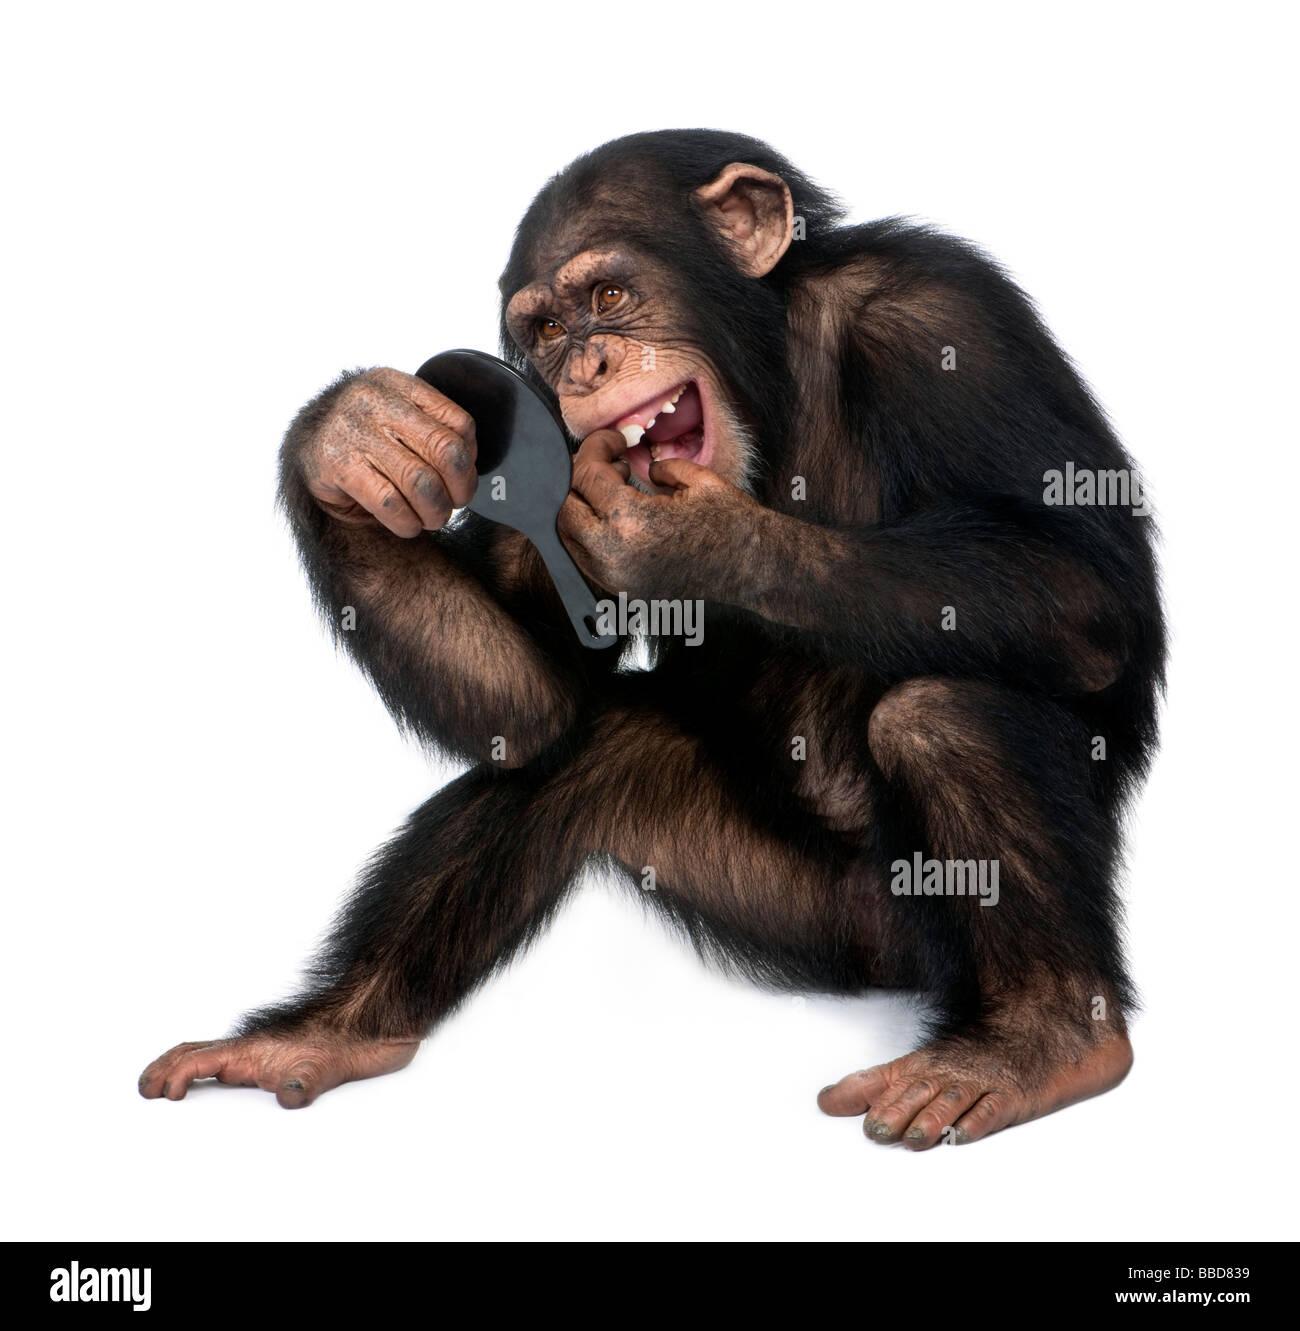 Jeune chimpanzé regarde ses dents dans un miroir en face d'un fond blanc Photo Stock